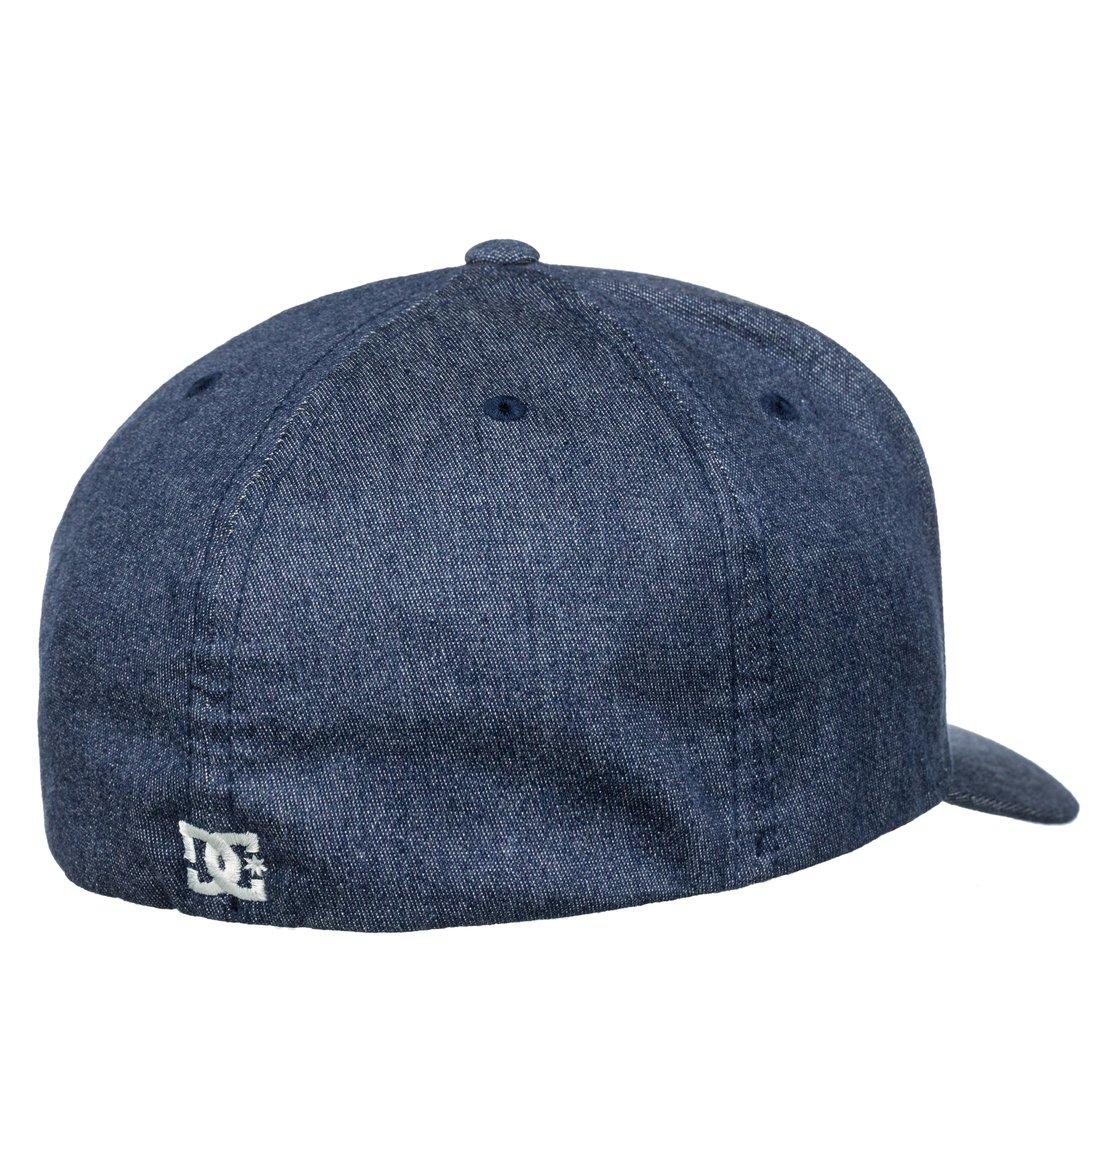 99cd07d98af46 2 Capstar TX Flexfit Hat Blue ADYHA03561 DC Shoes